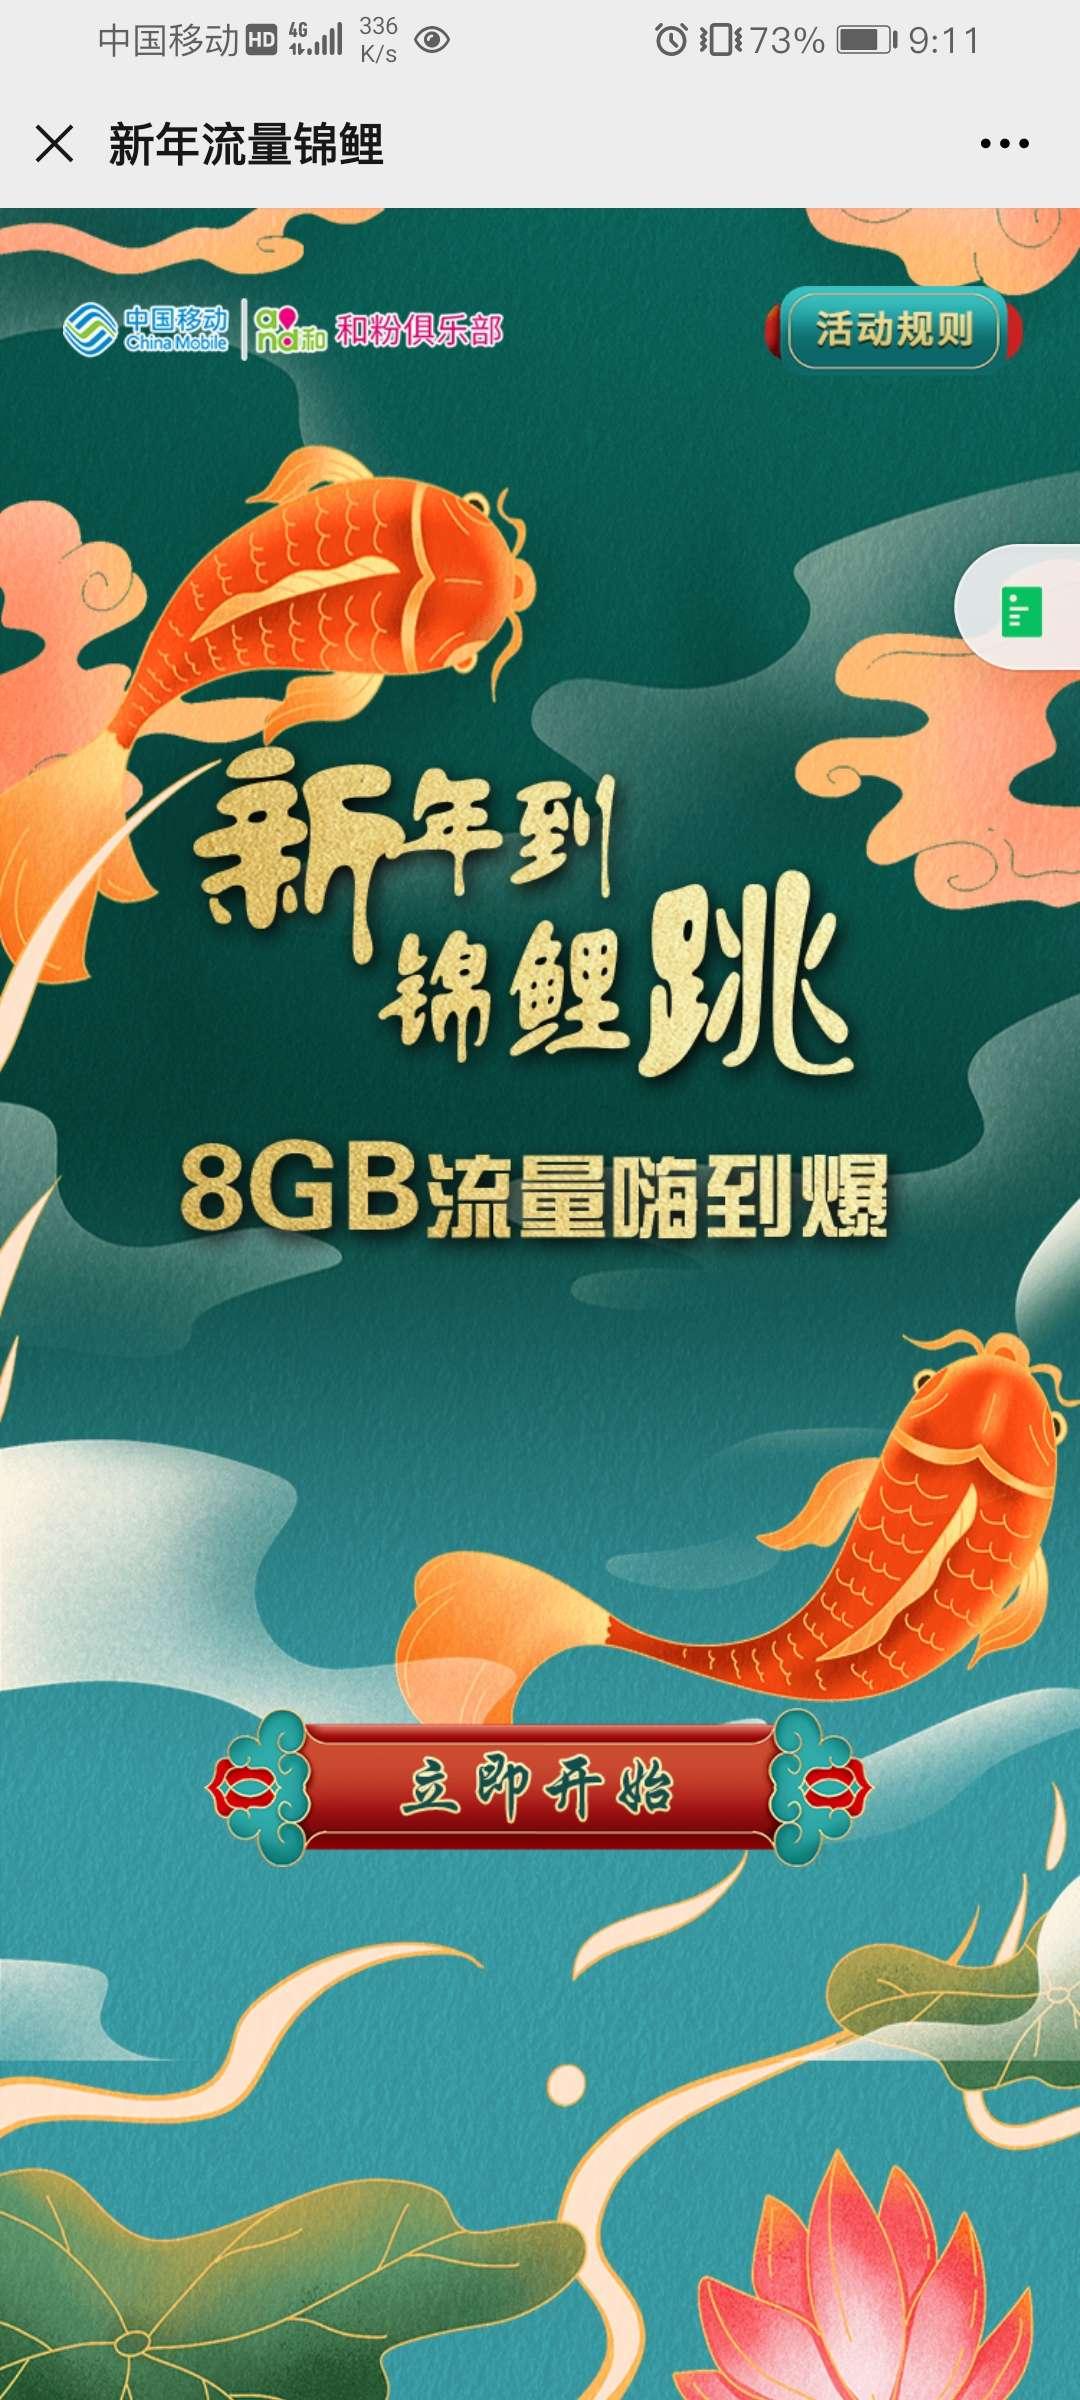 图片[1]-中国移动和粉俱乐部领8G-老友薅羊毛活动线报网